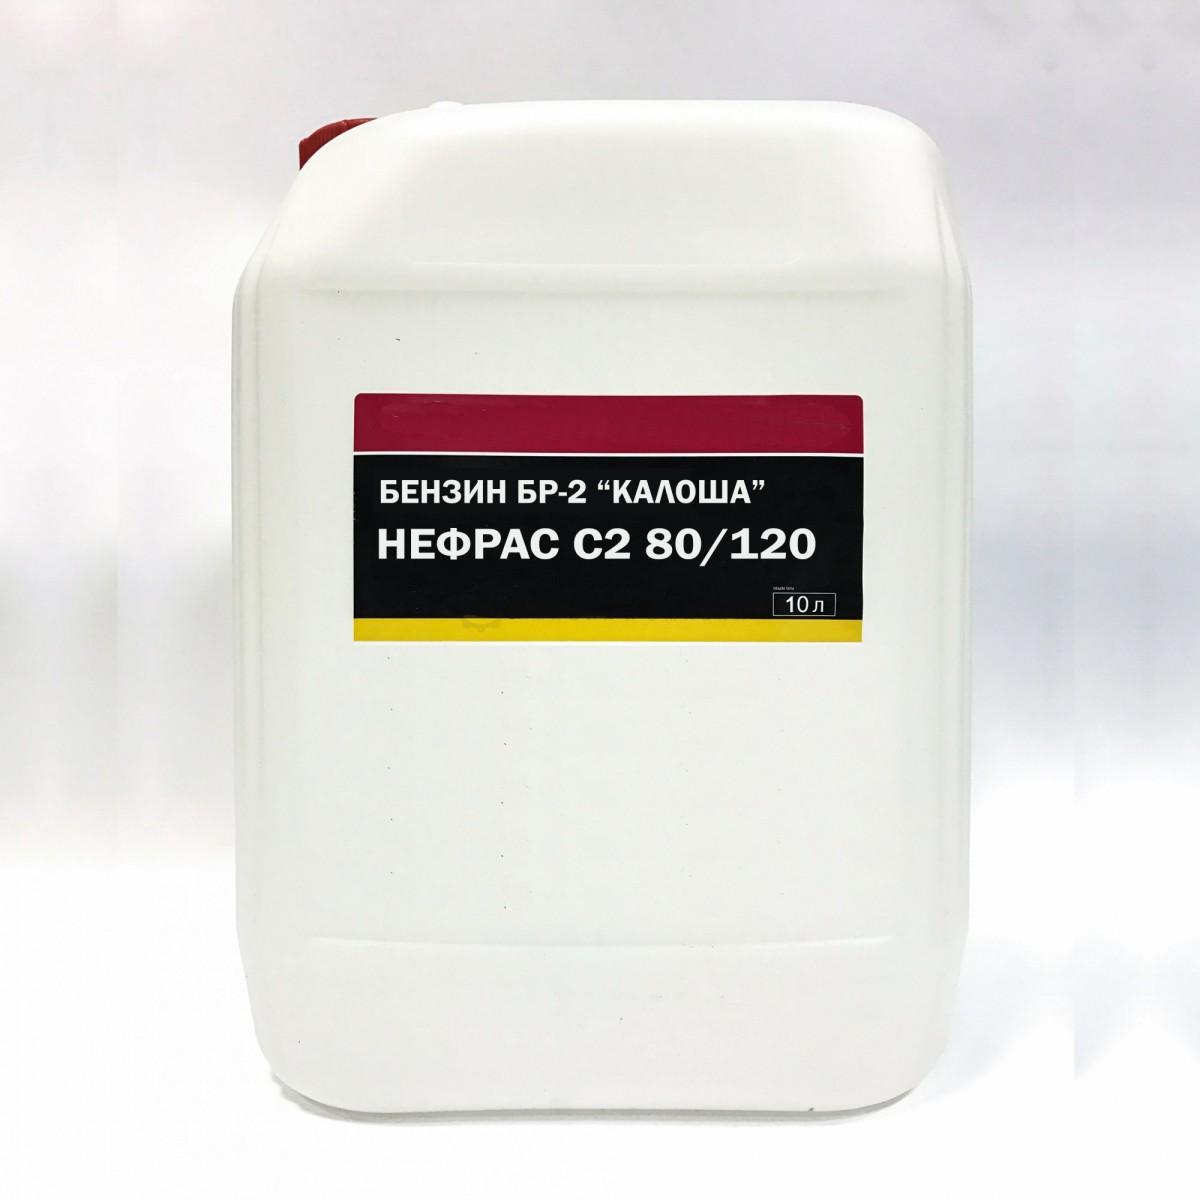 Бензин Галоша БР-2 (Нефрас С2 80/120) 10 л